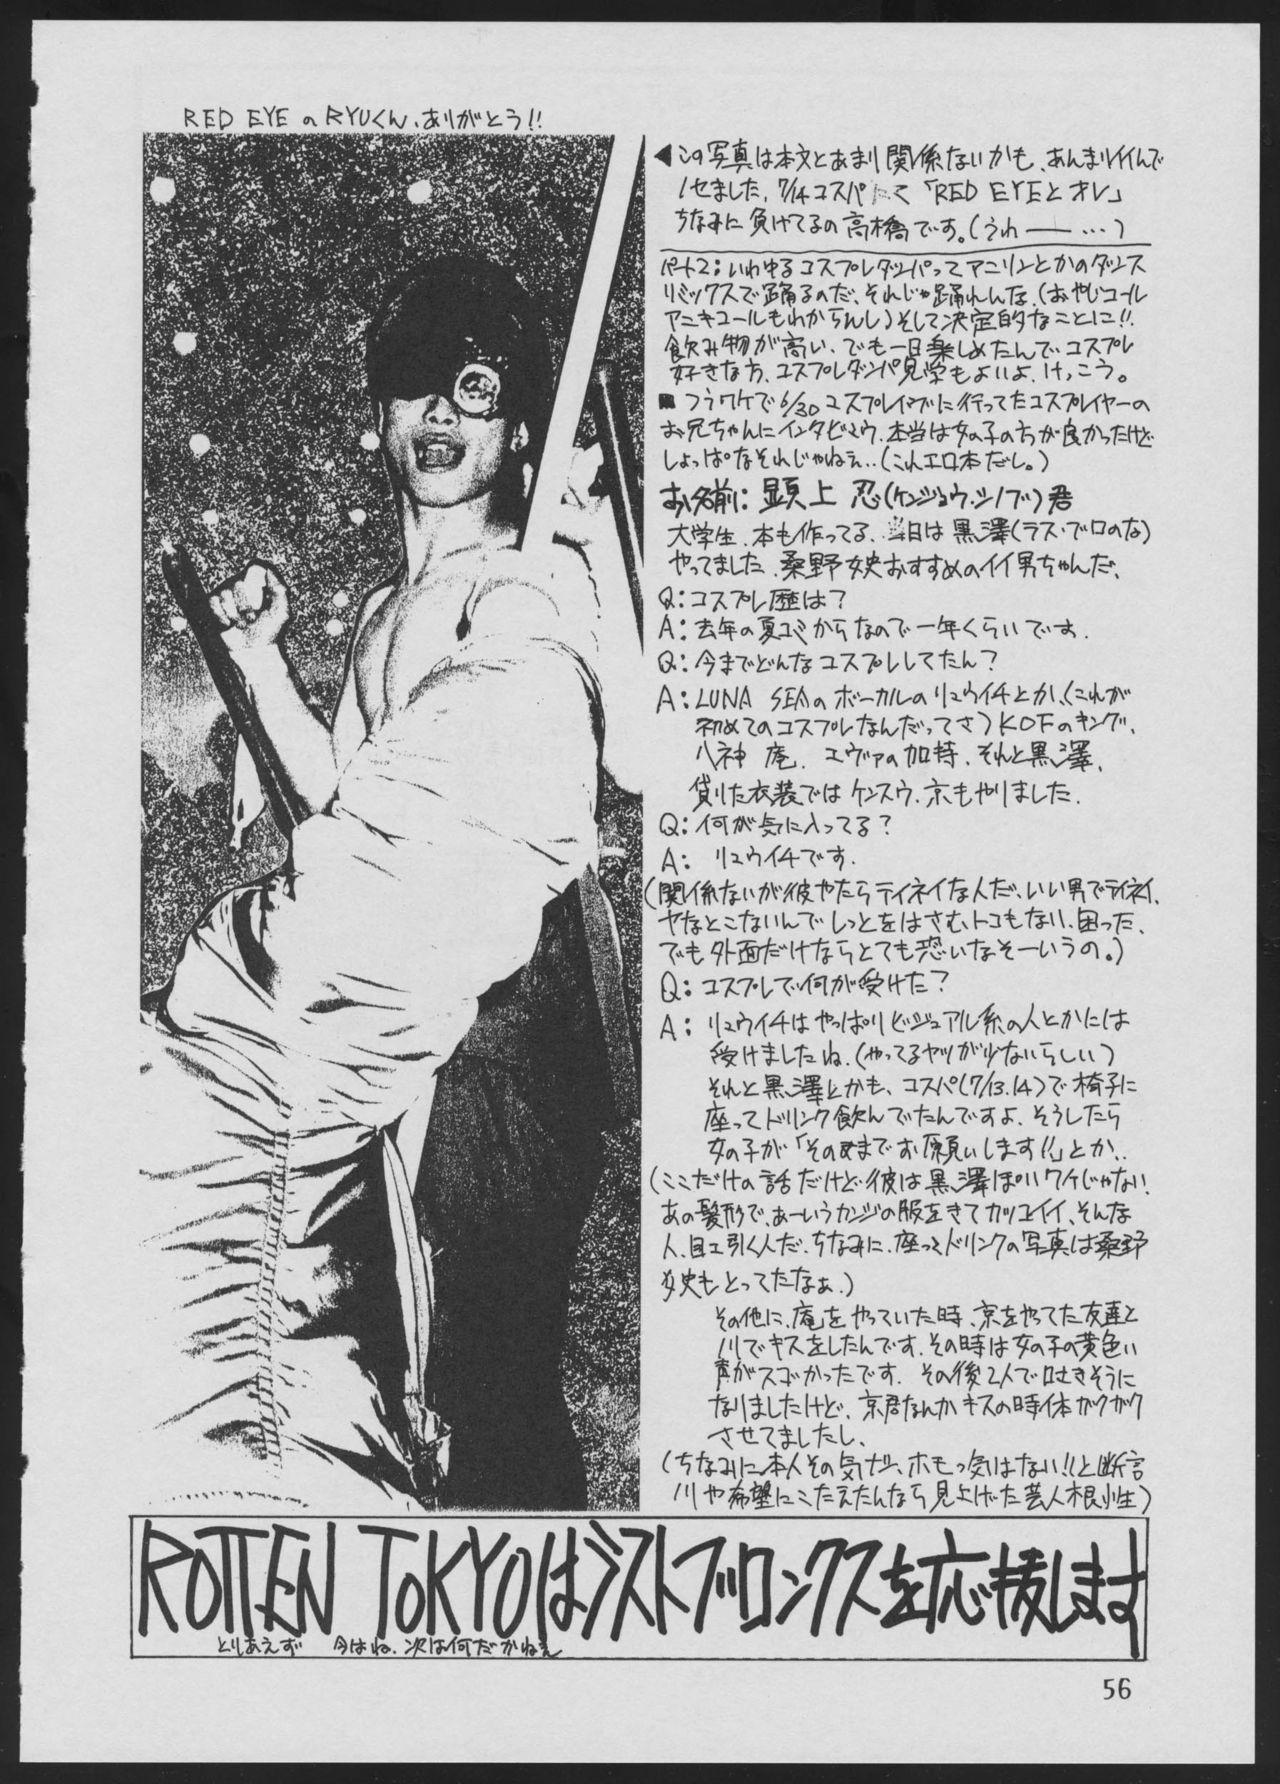 '96 Natsu no Game 18-kin Special 55